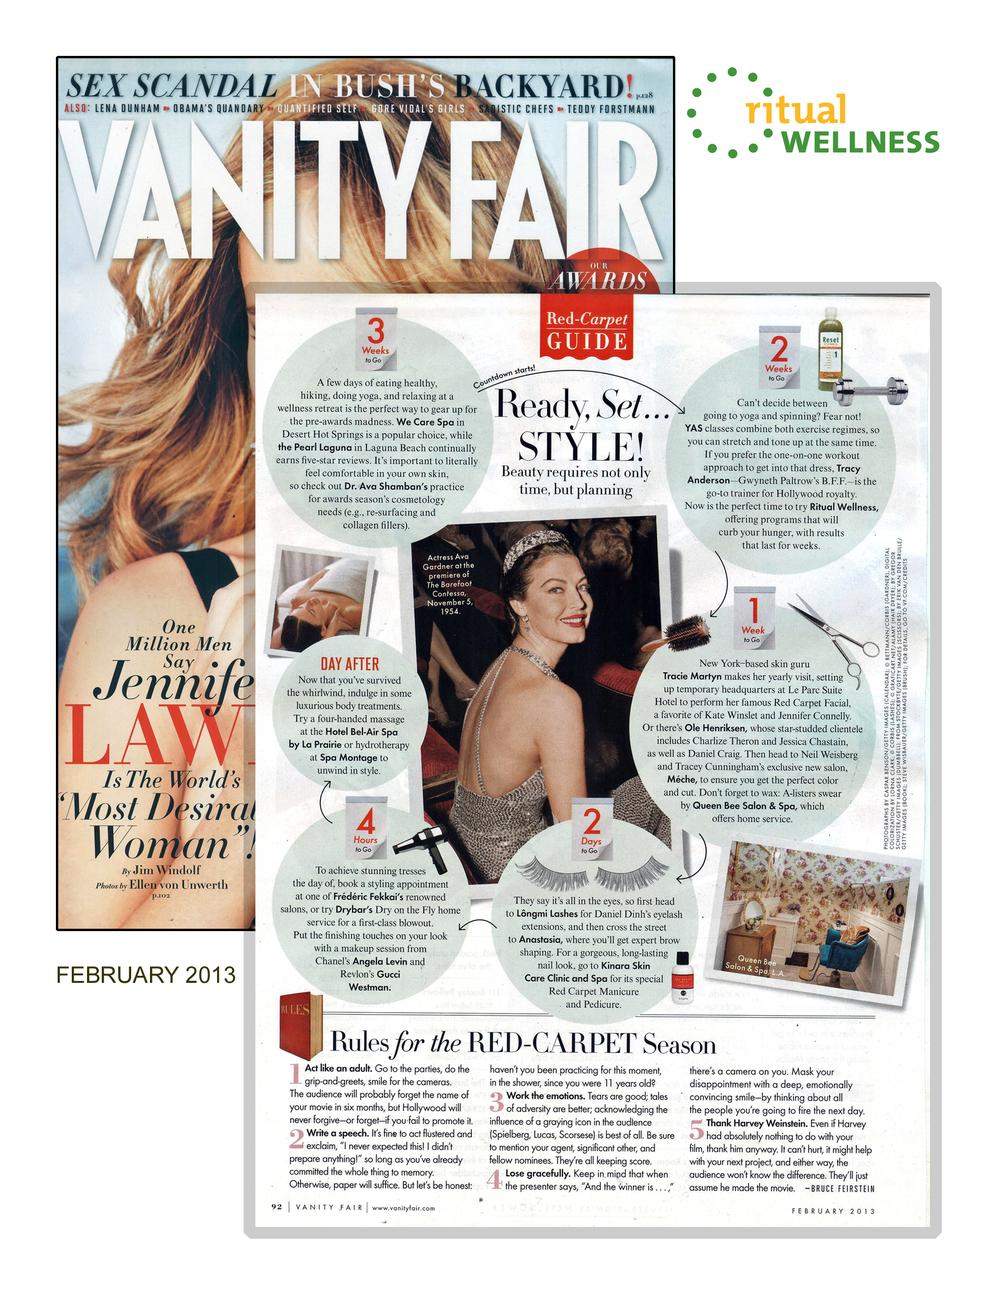 VanityFair_Feb2013.jpg